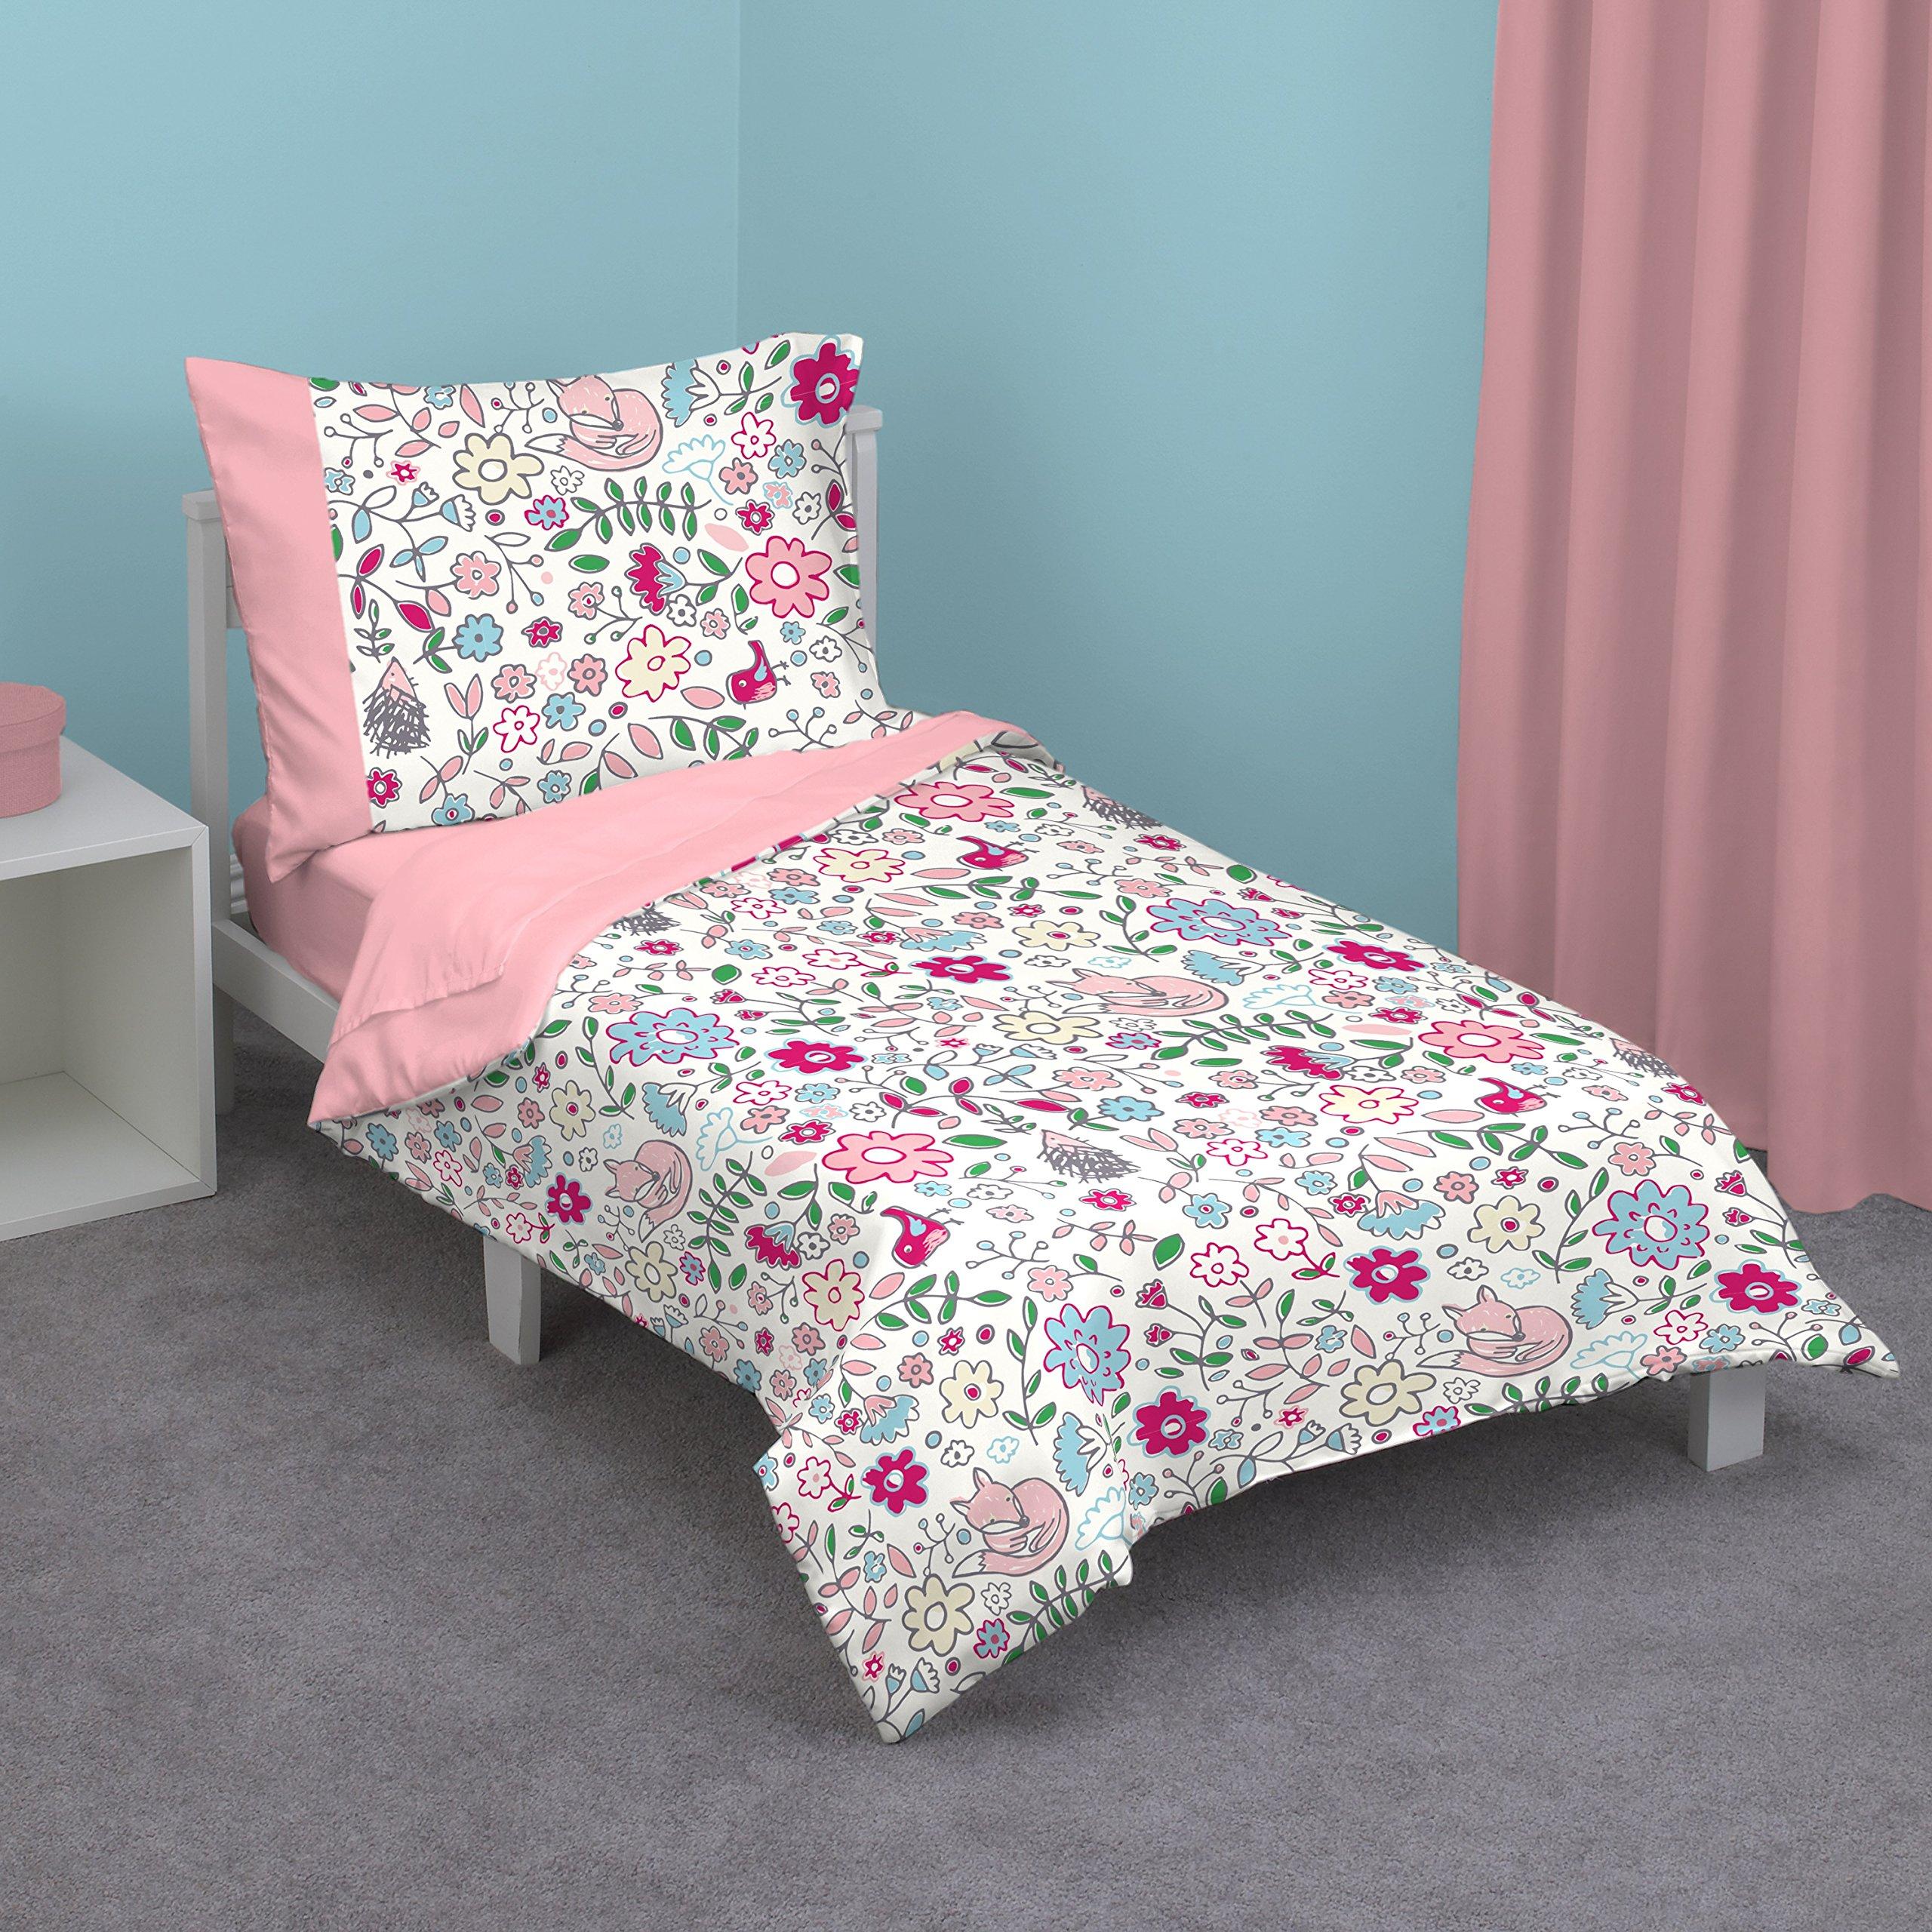 Zutano Fox 4-Piece Toddler Bed Set, Pink, Raspberry, Blue, Green